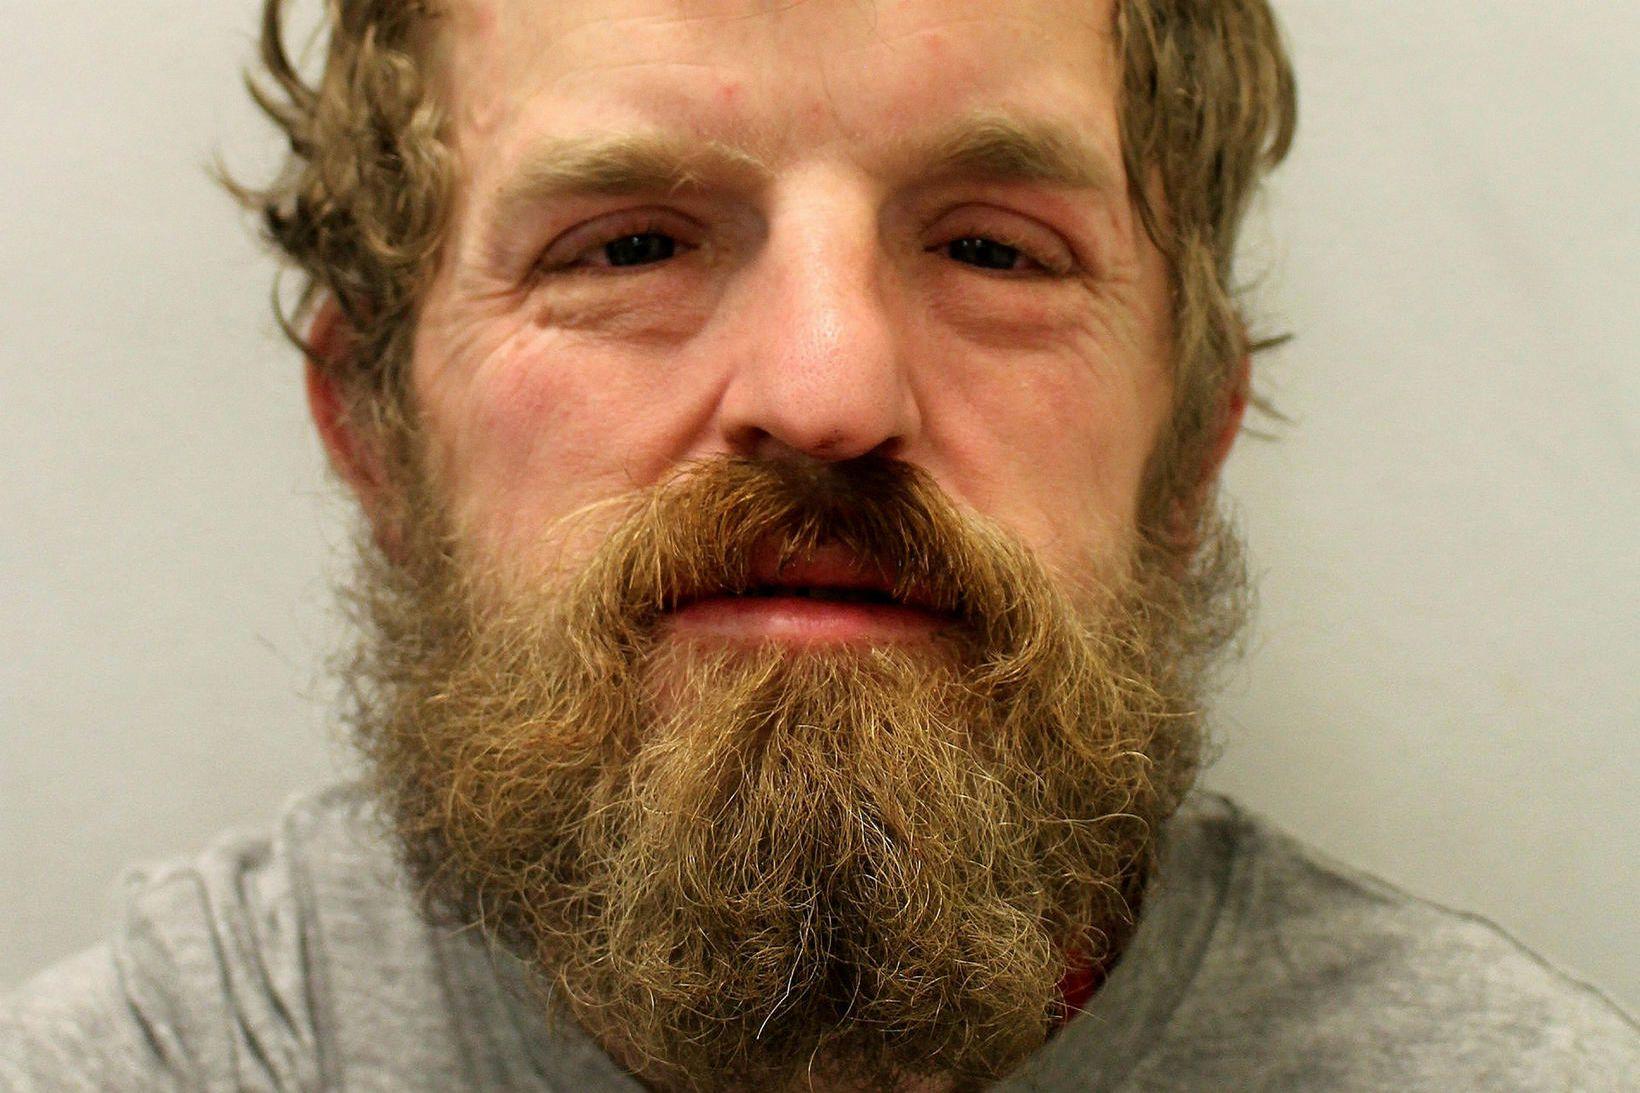 Mark Manley, 35 ára breskur karlmaður, hefur verið dæmdur í …